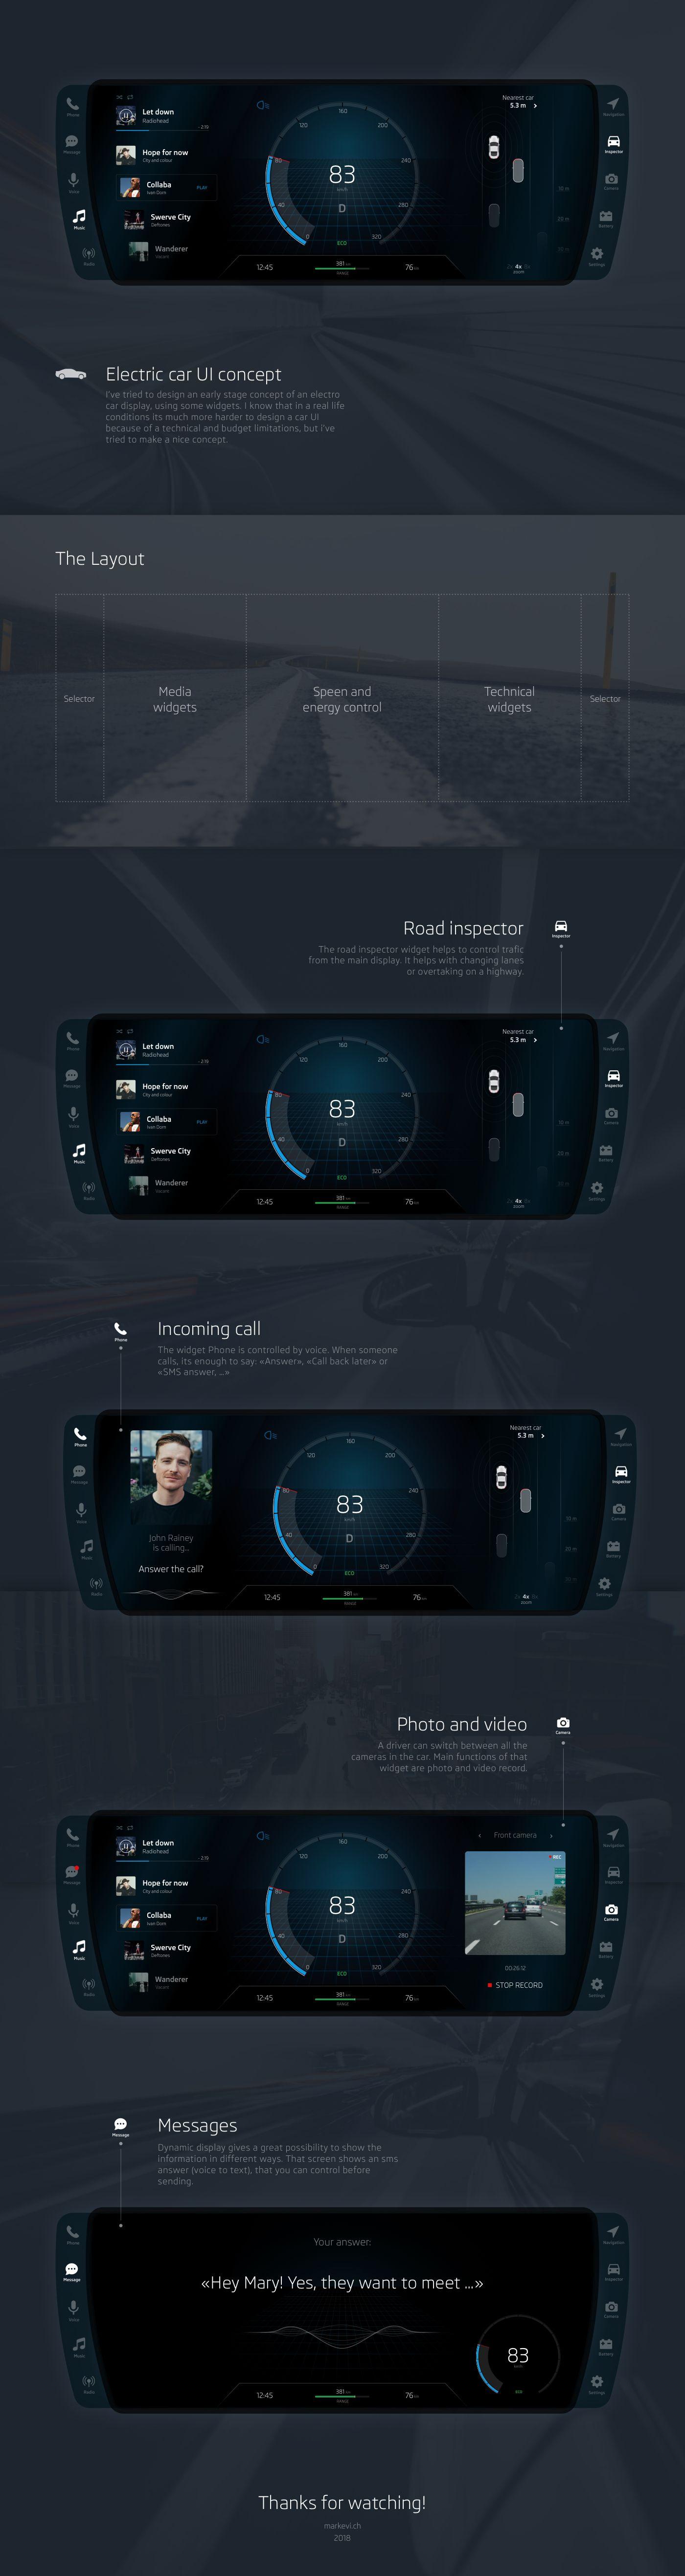 Electric Car UI concept #carui #automotive #autoui #carconcept #carfuture #automotiveui